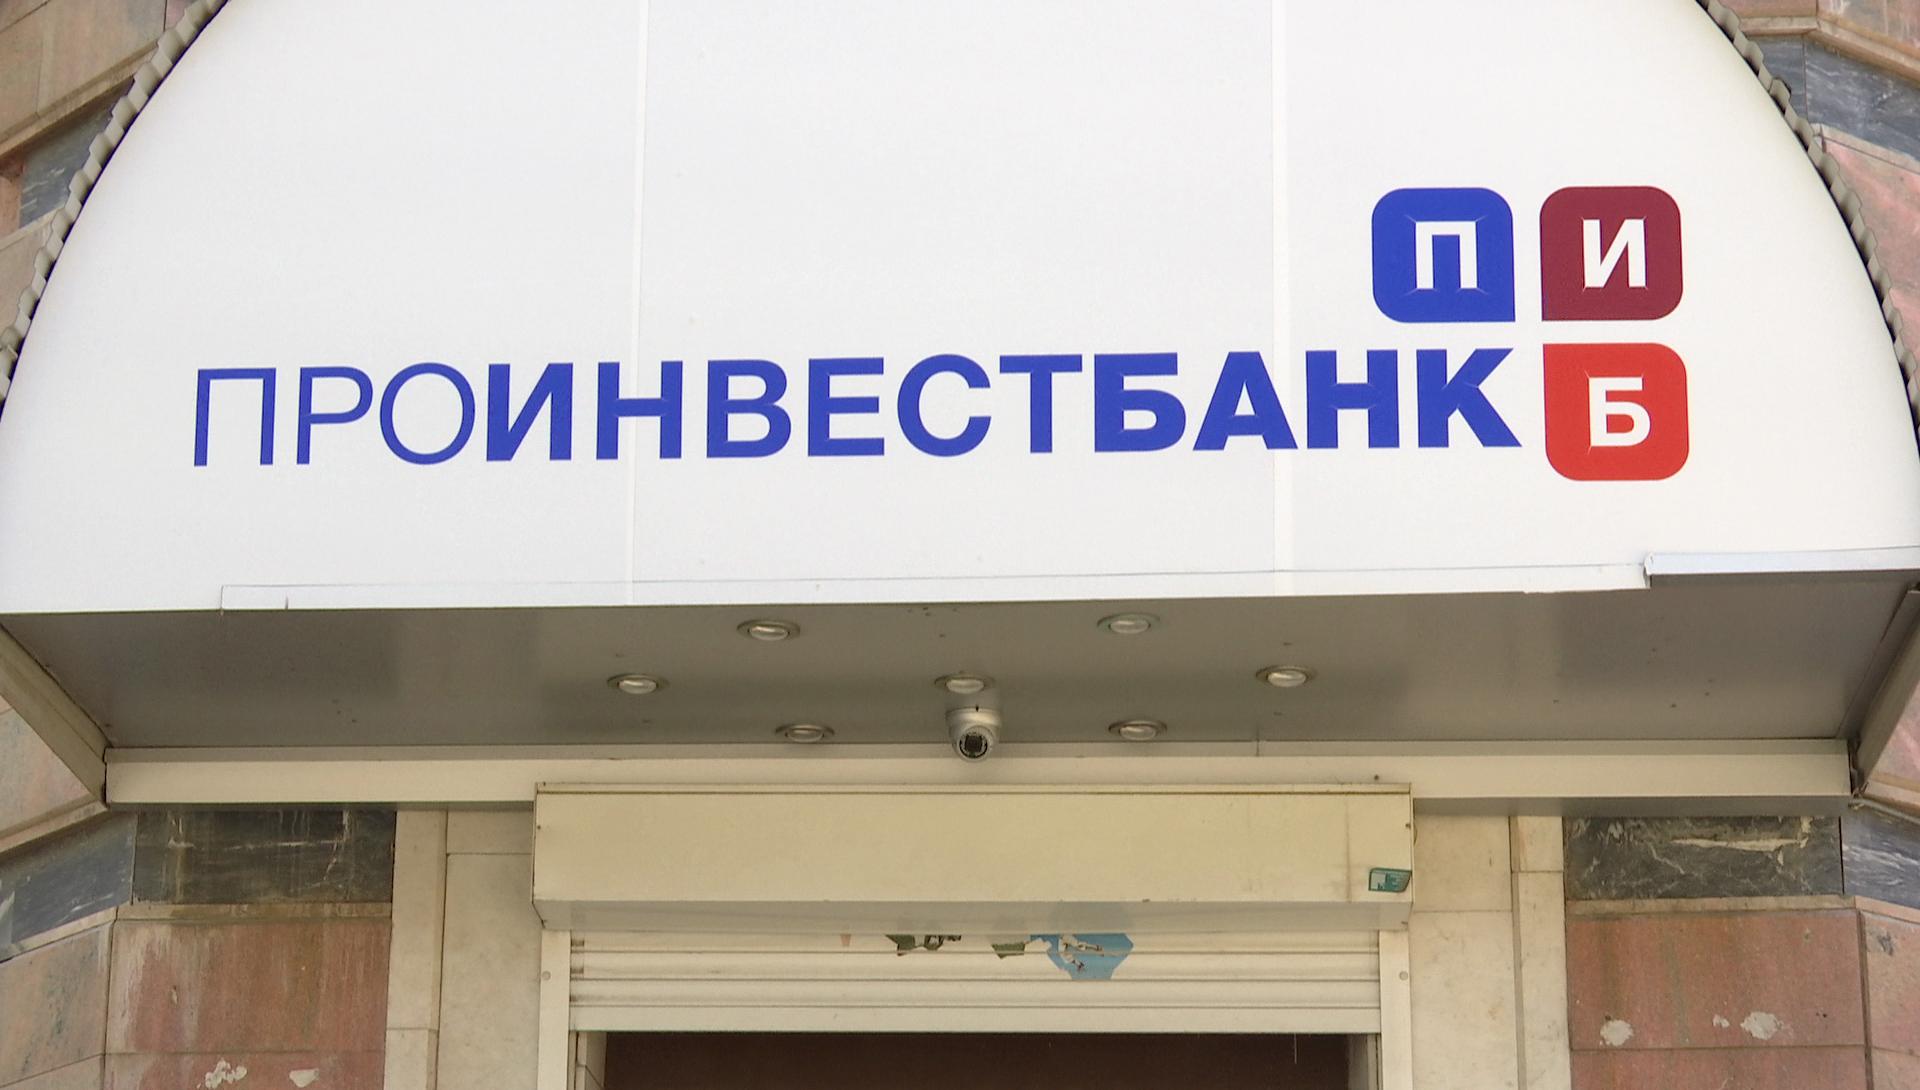 Воронцов: корреспондентский счет «Проинвестбанка» вырос в 20 раз